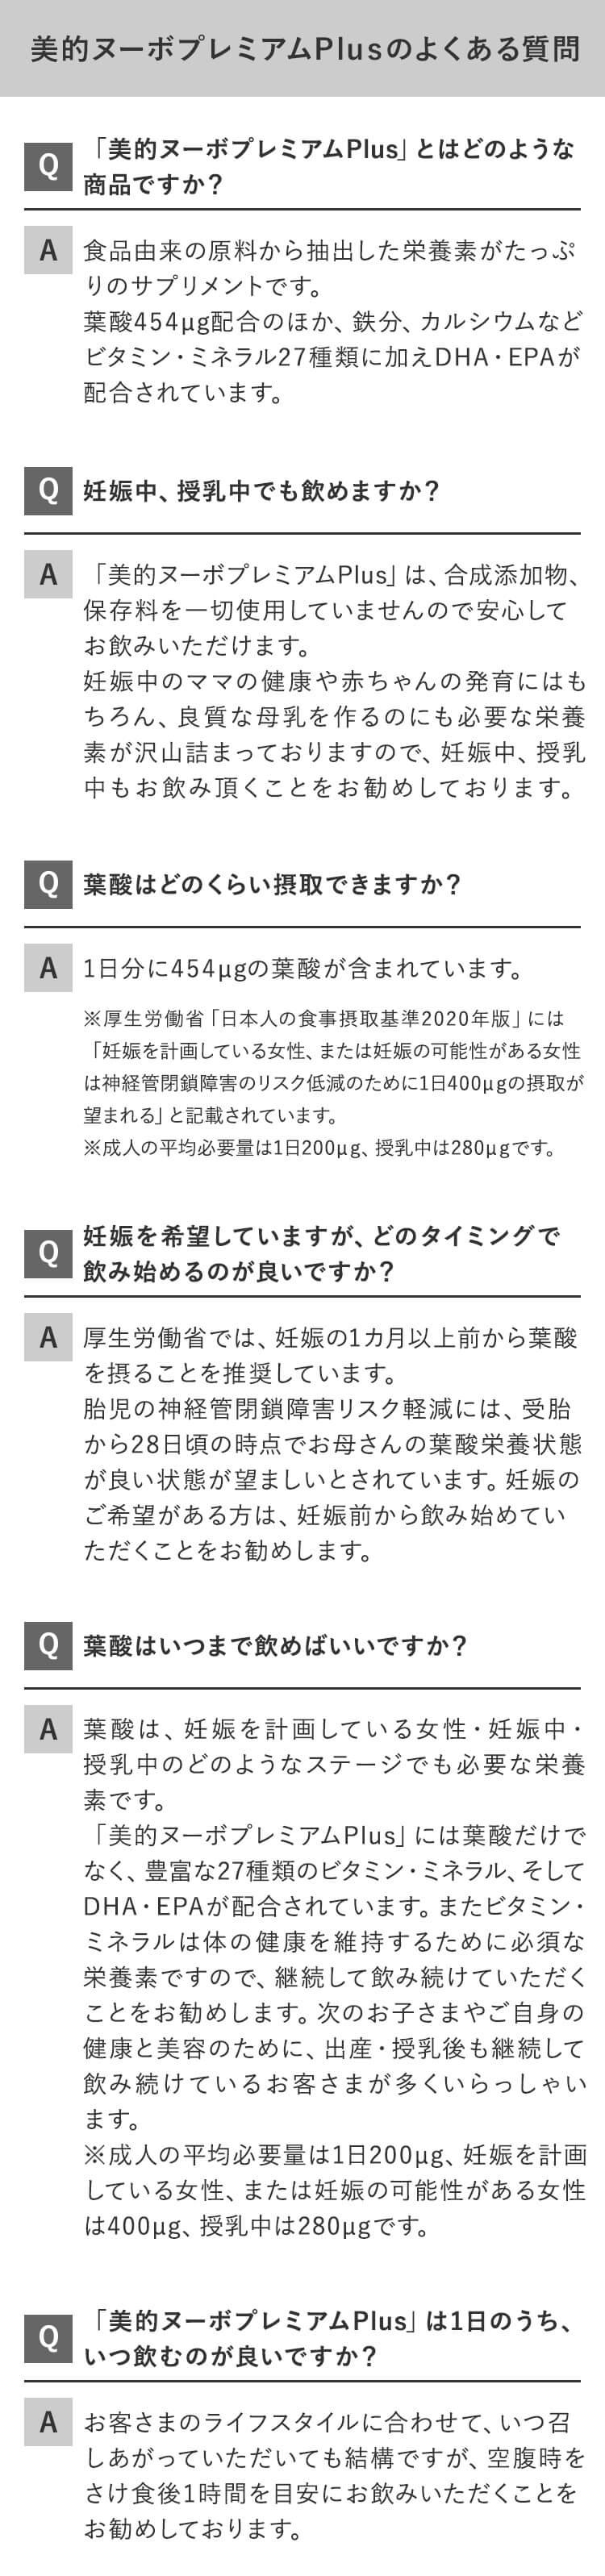 美的ヌーボプレミアムPlusのよくある質問